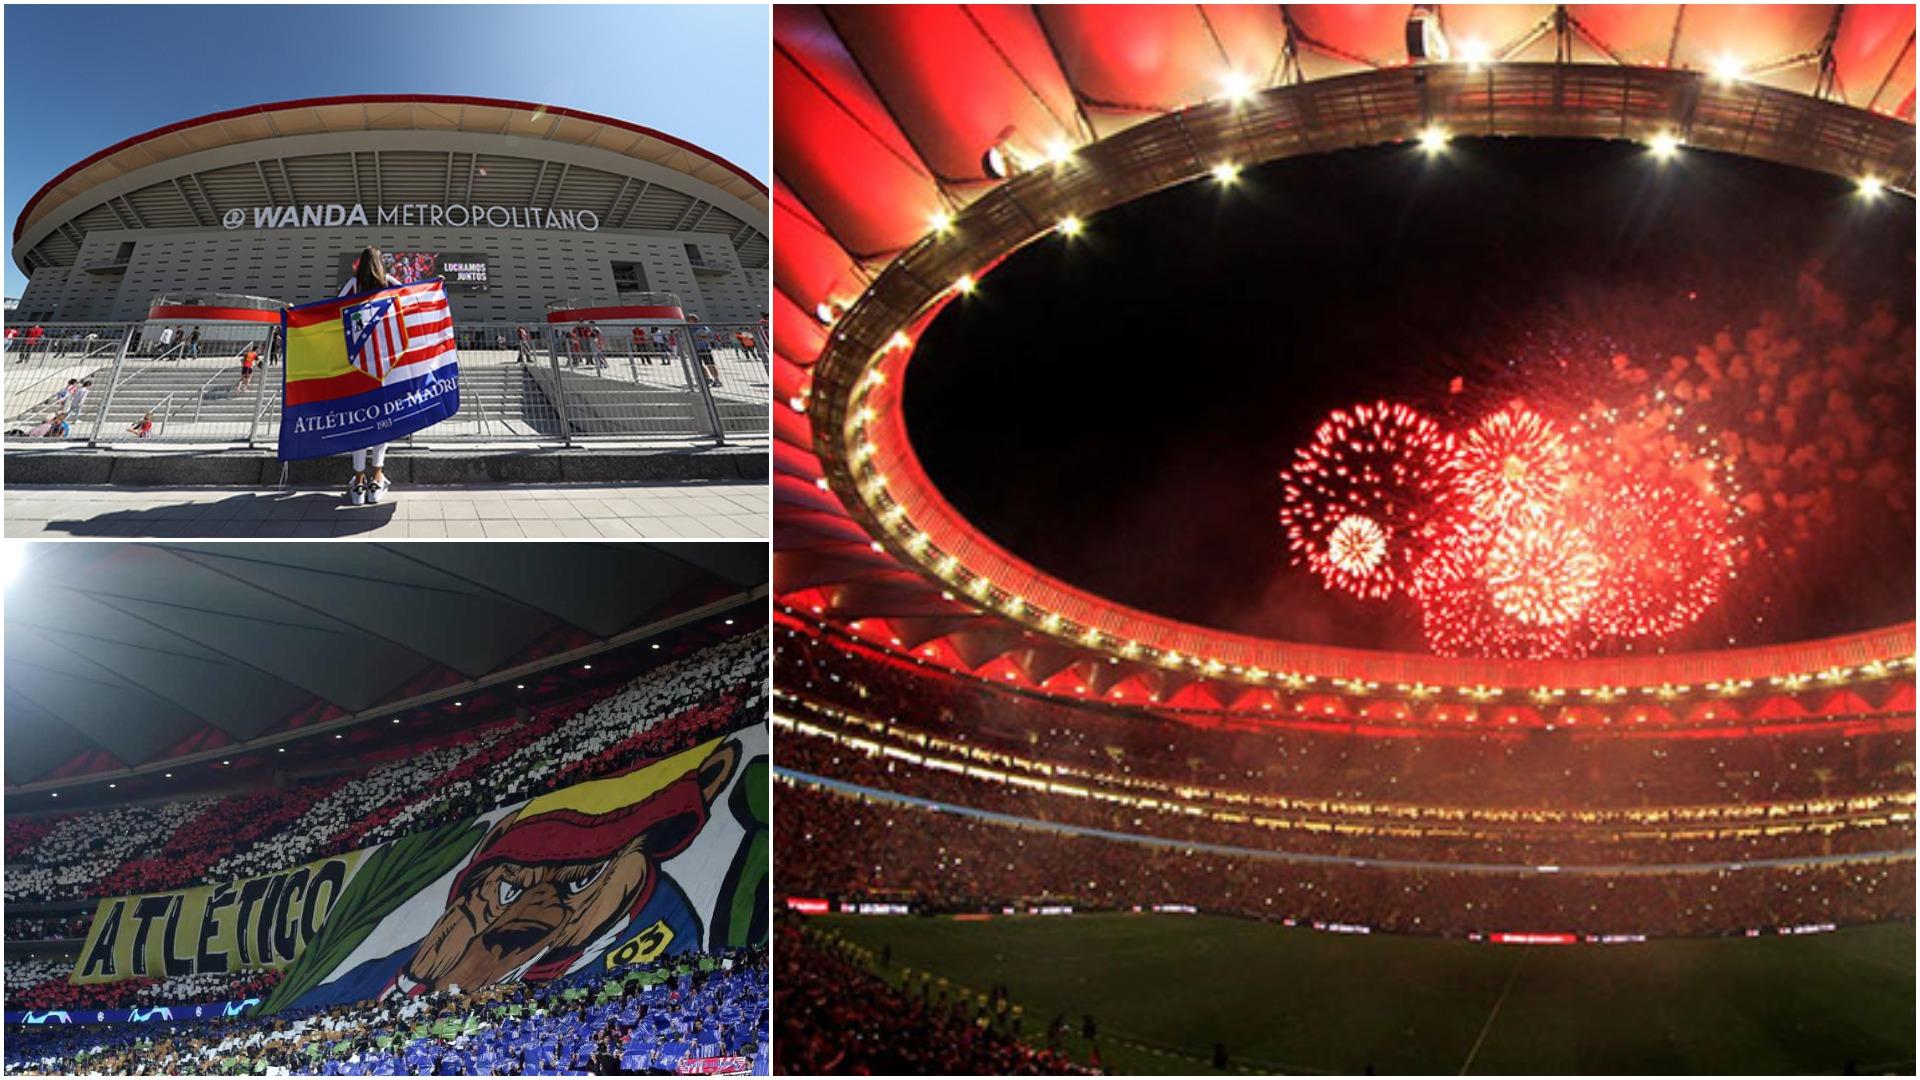 Solidariteti i Atletico Madrid, kthen stadiumin në një kuzhinë gjigante